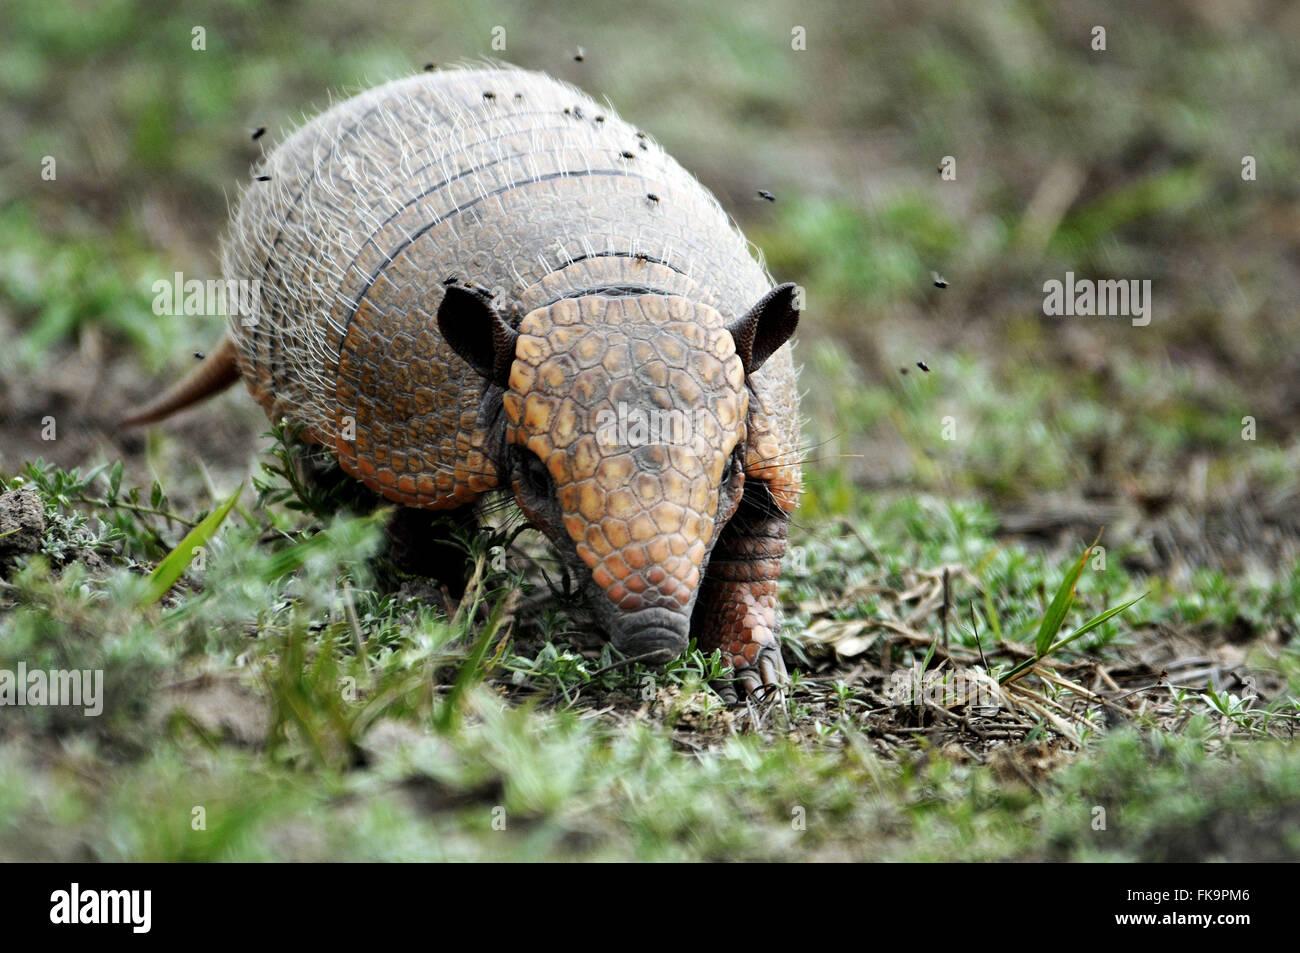 Tatu-peba el Pantanal - Euphractus sexcintus Foto de stock